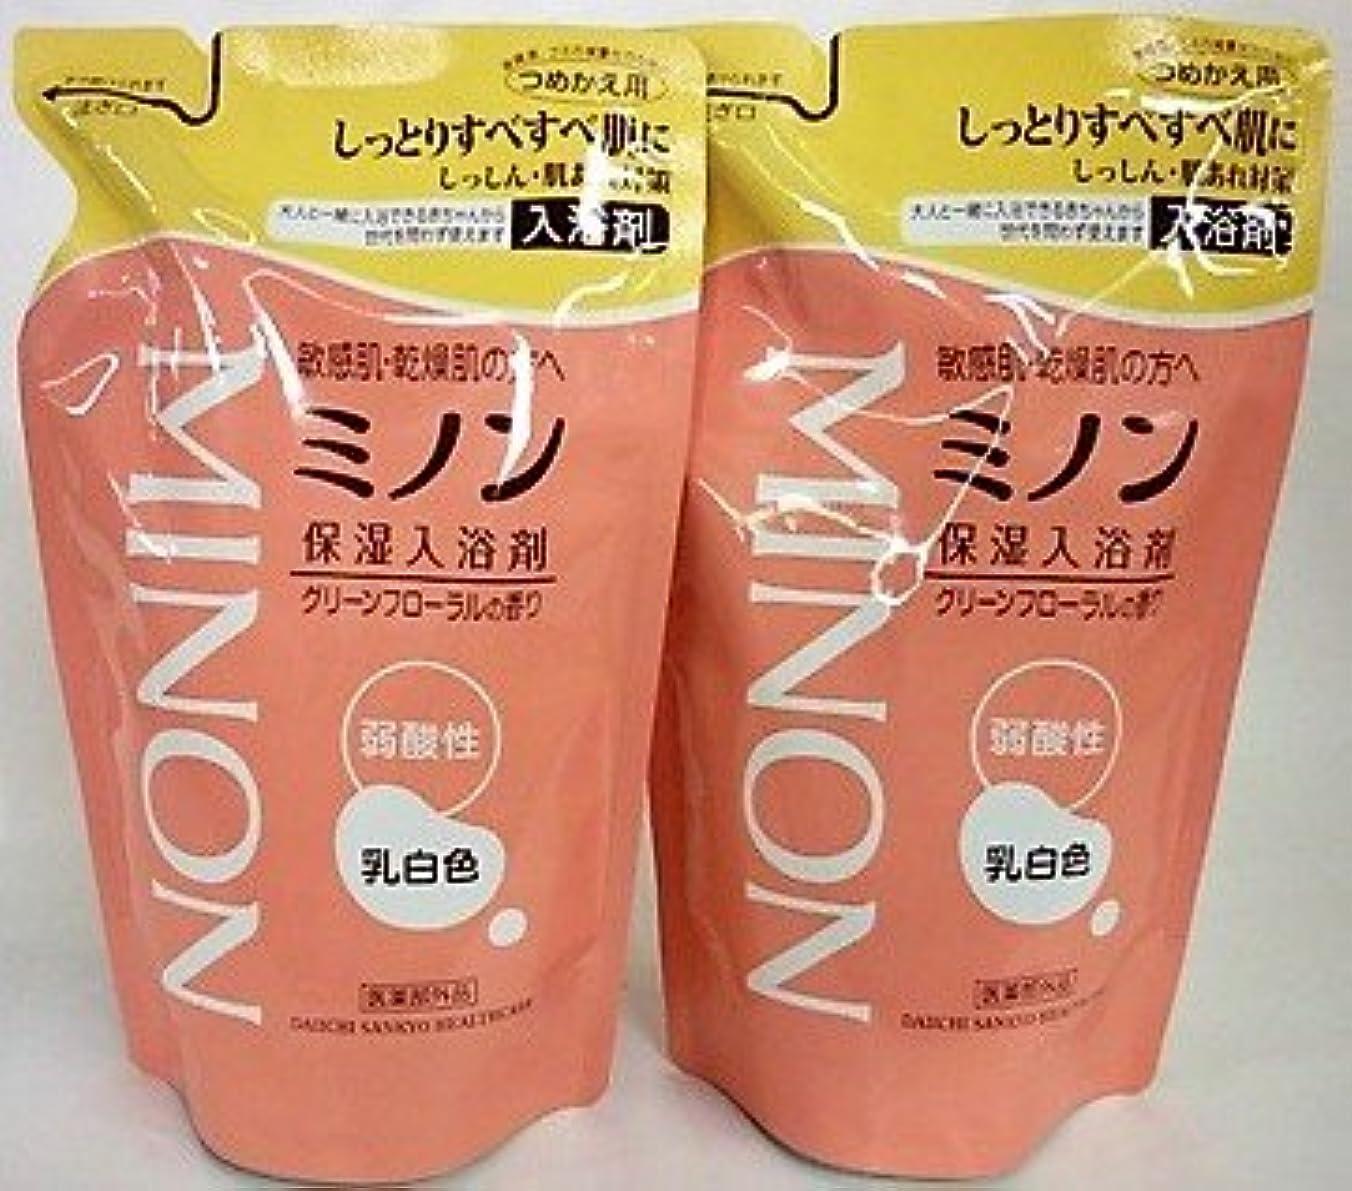 哀れな純度野心的[2個セット]ミノン 薬用保湿入浴剤 詰替 400mL入り×2個